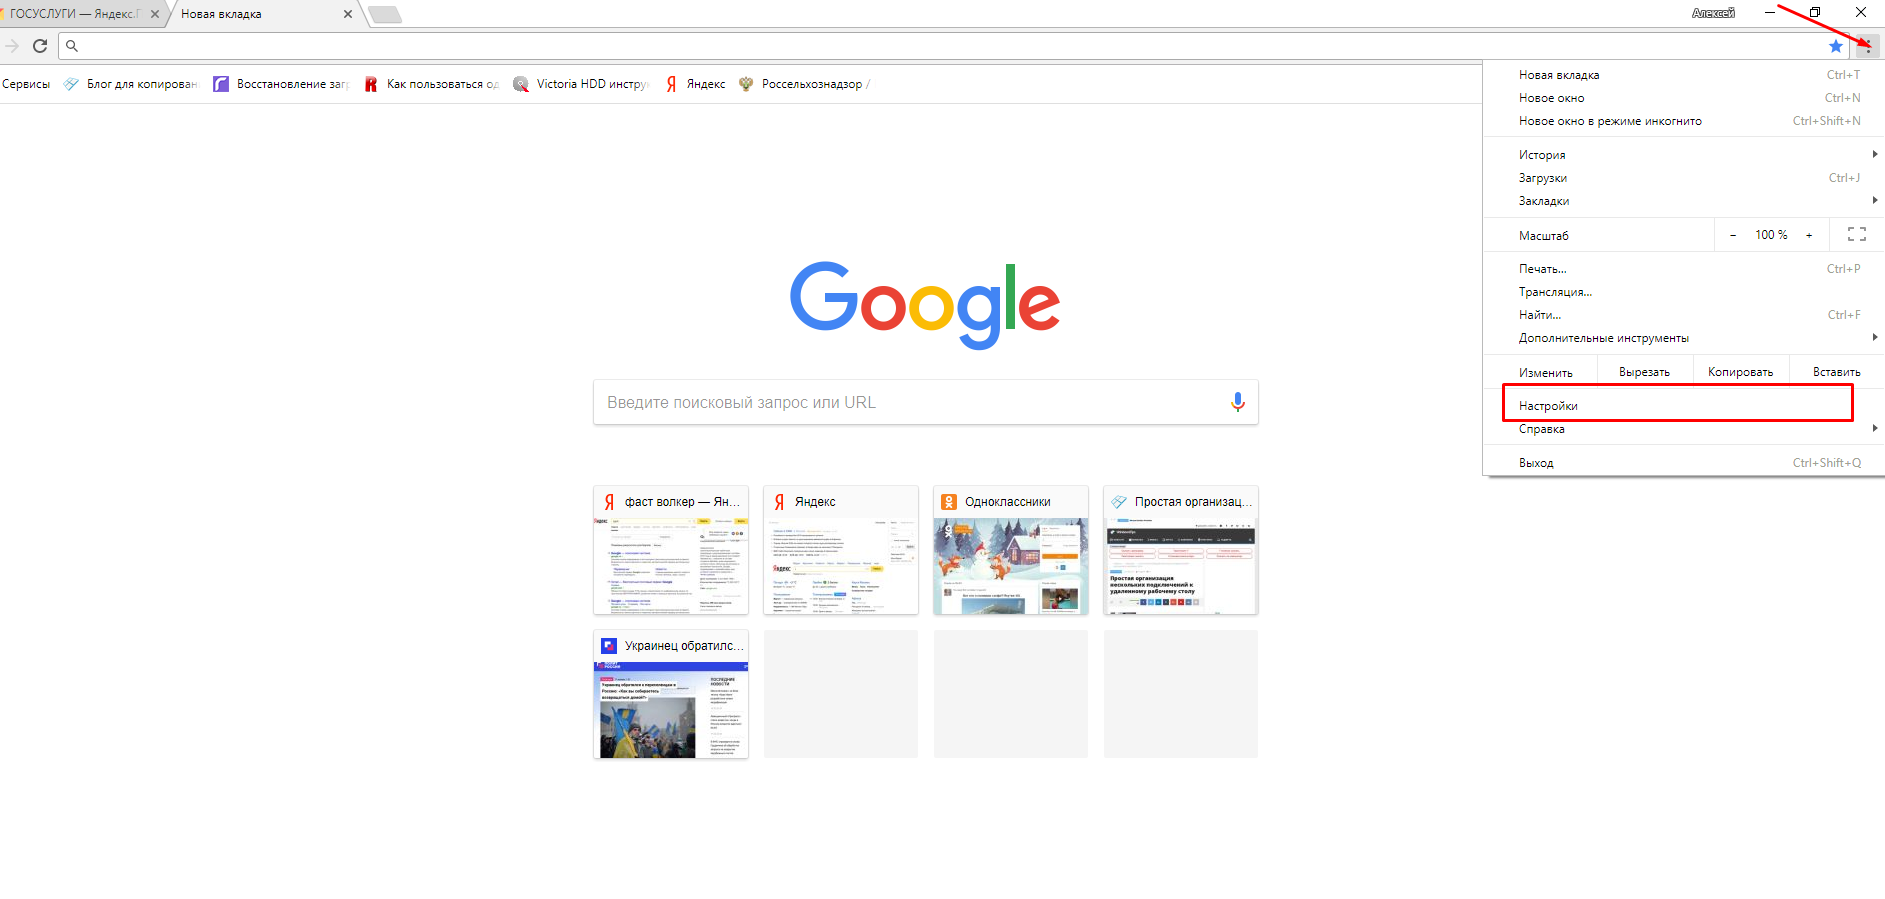 Как сделать в гугле поиск яндекс для 787